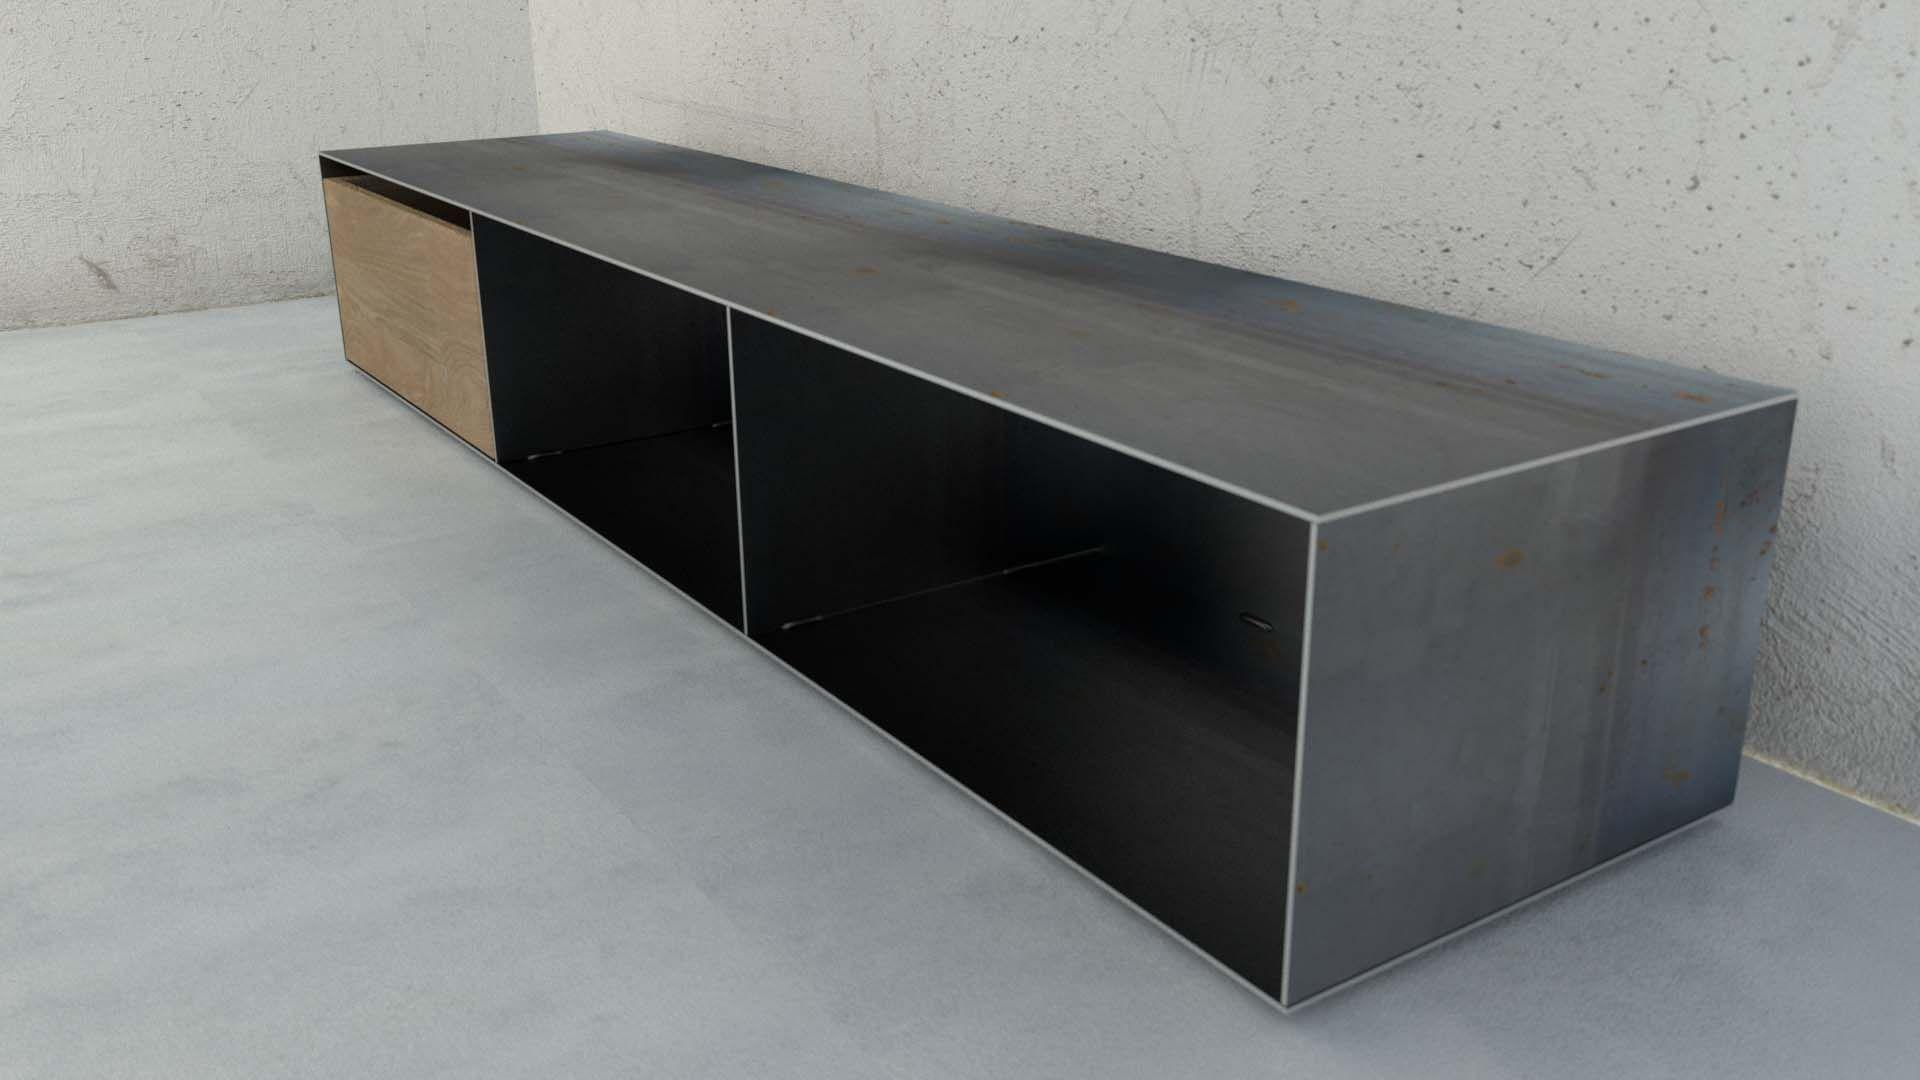 designmetallmoebel brennholz sideboard kaminholz aufbewahrung mit s stahlm bel brennholzregal. Black Bedroom Furniture Sets. Home Design Ideas